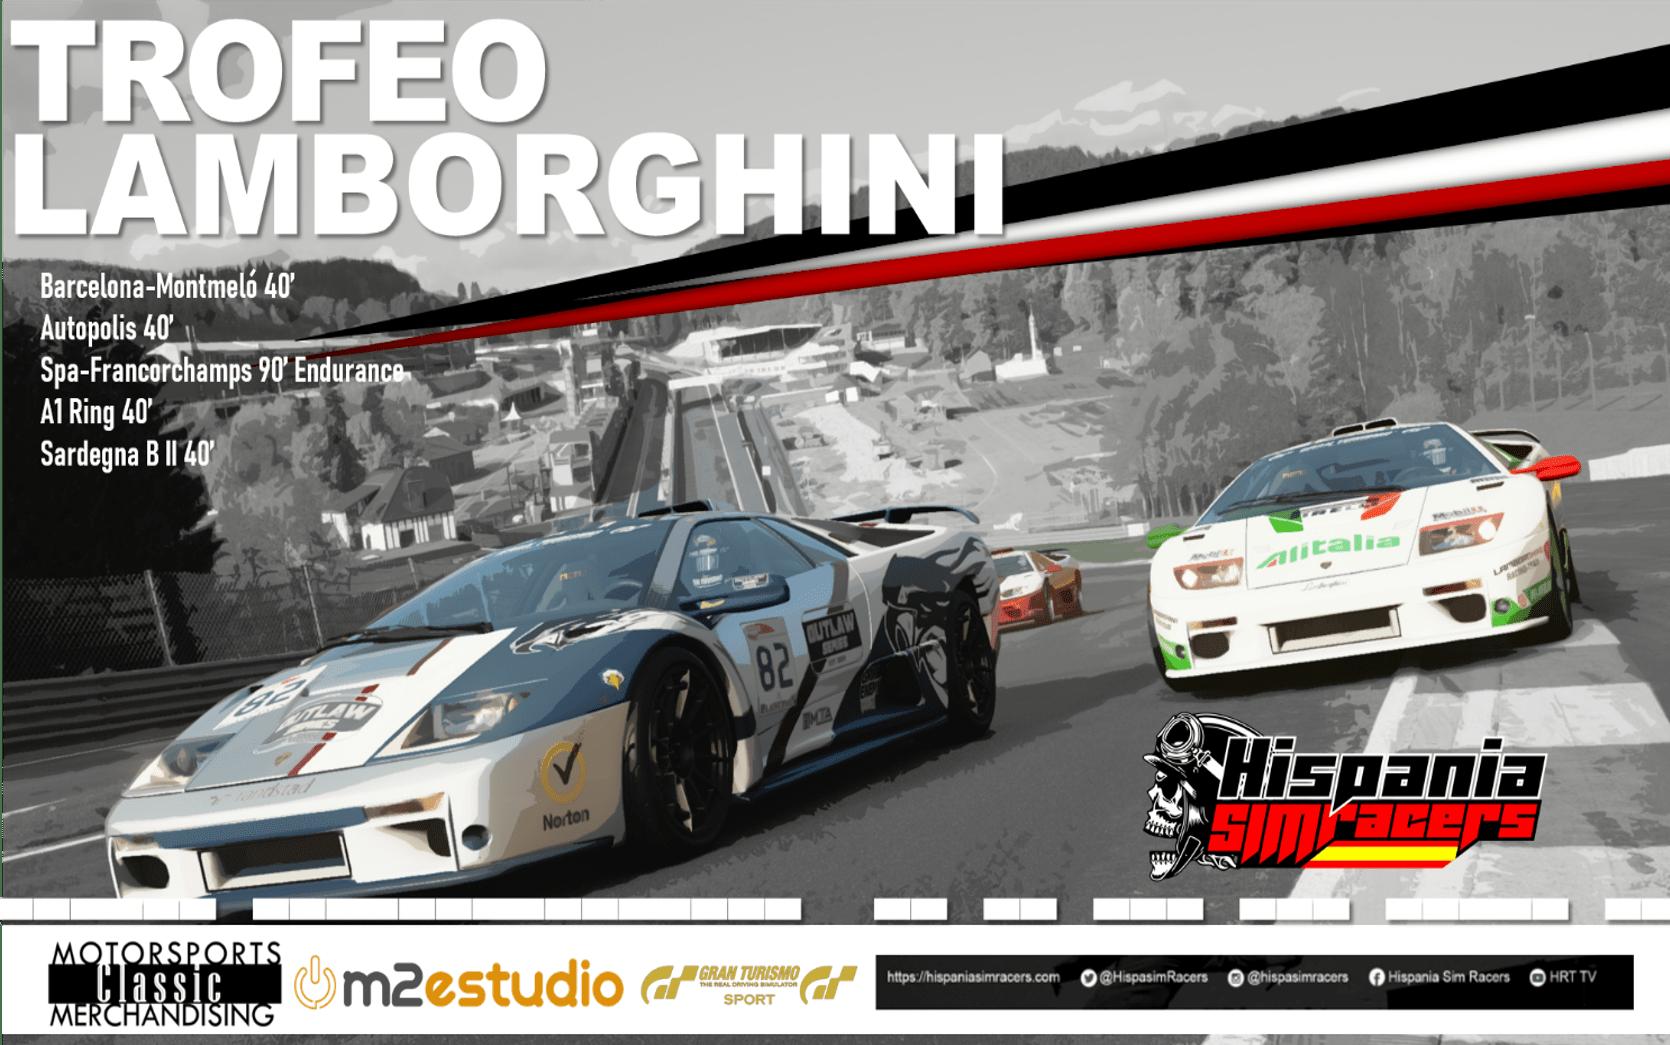 HRT Trofeo Lamborghini